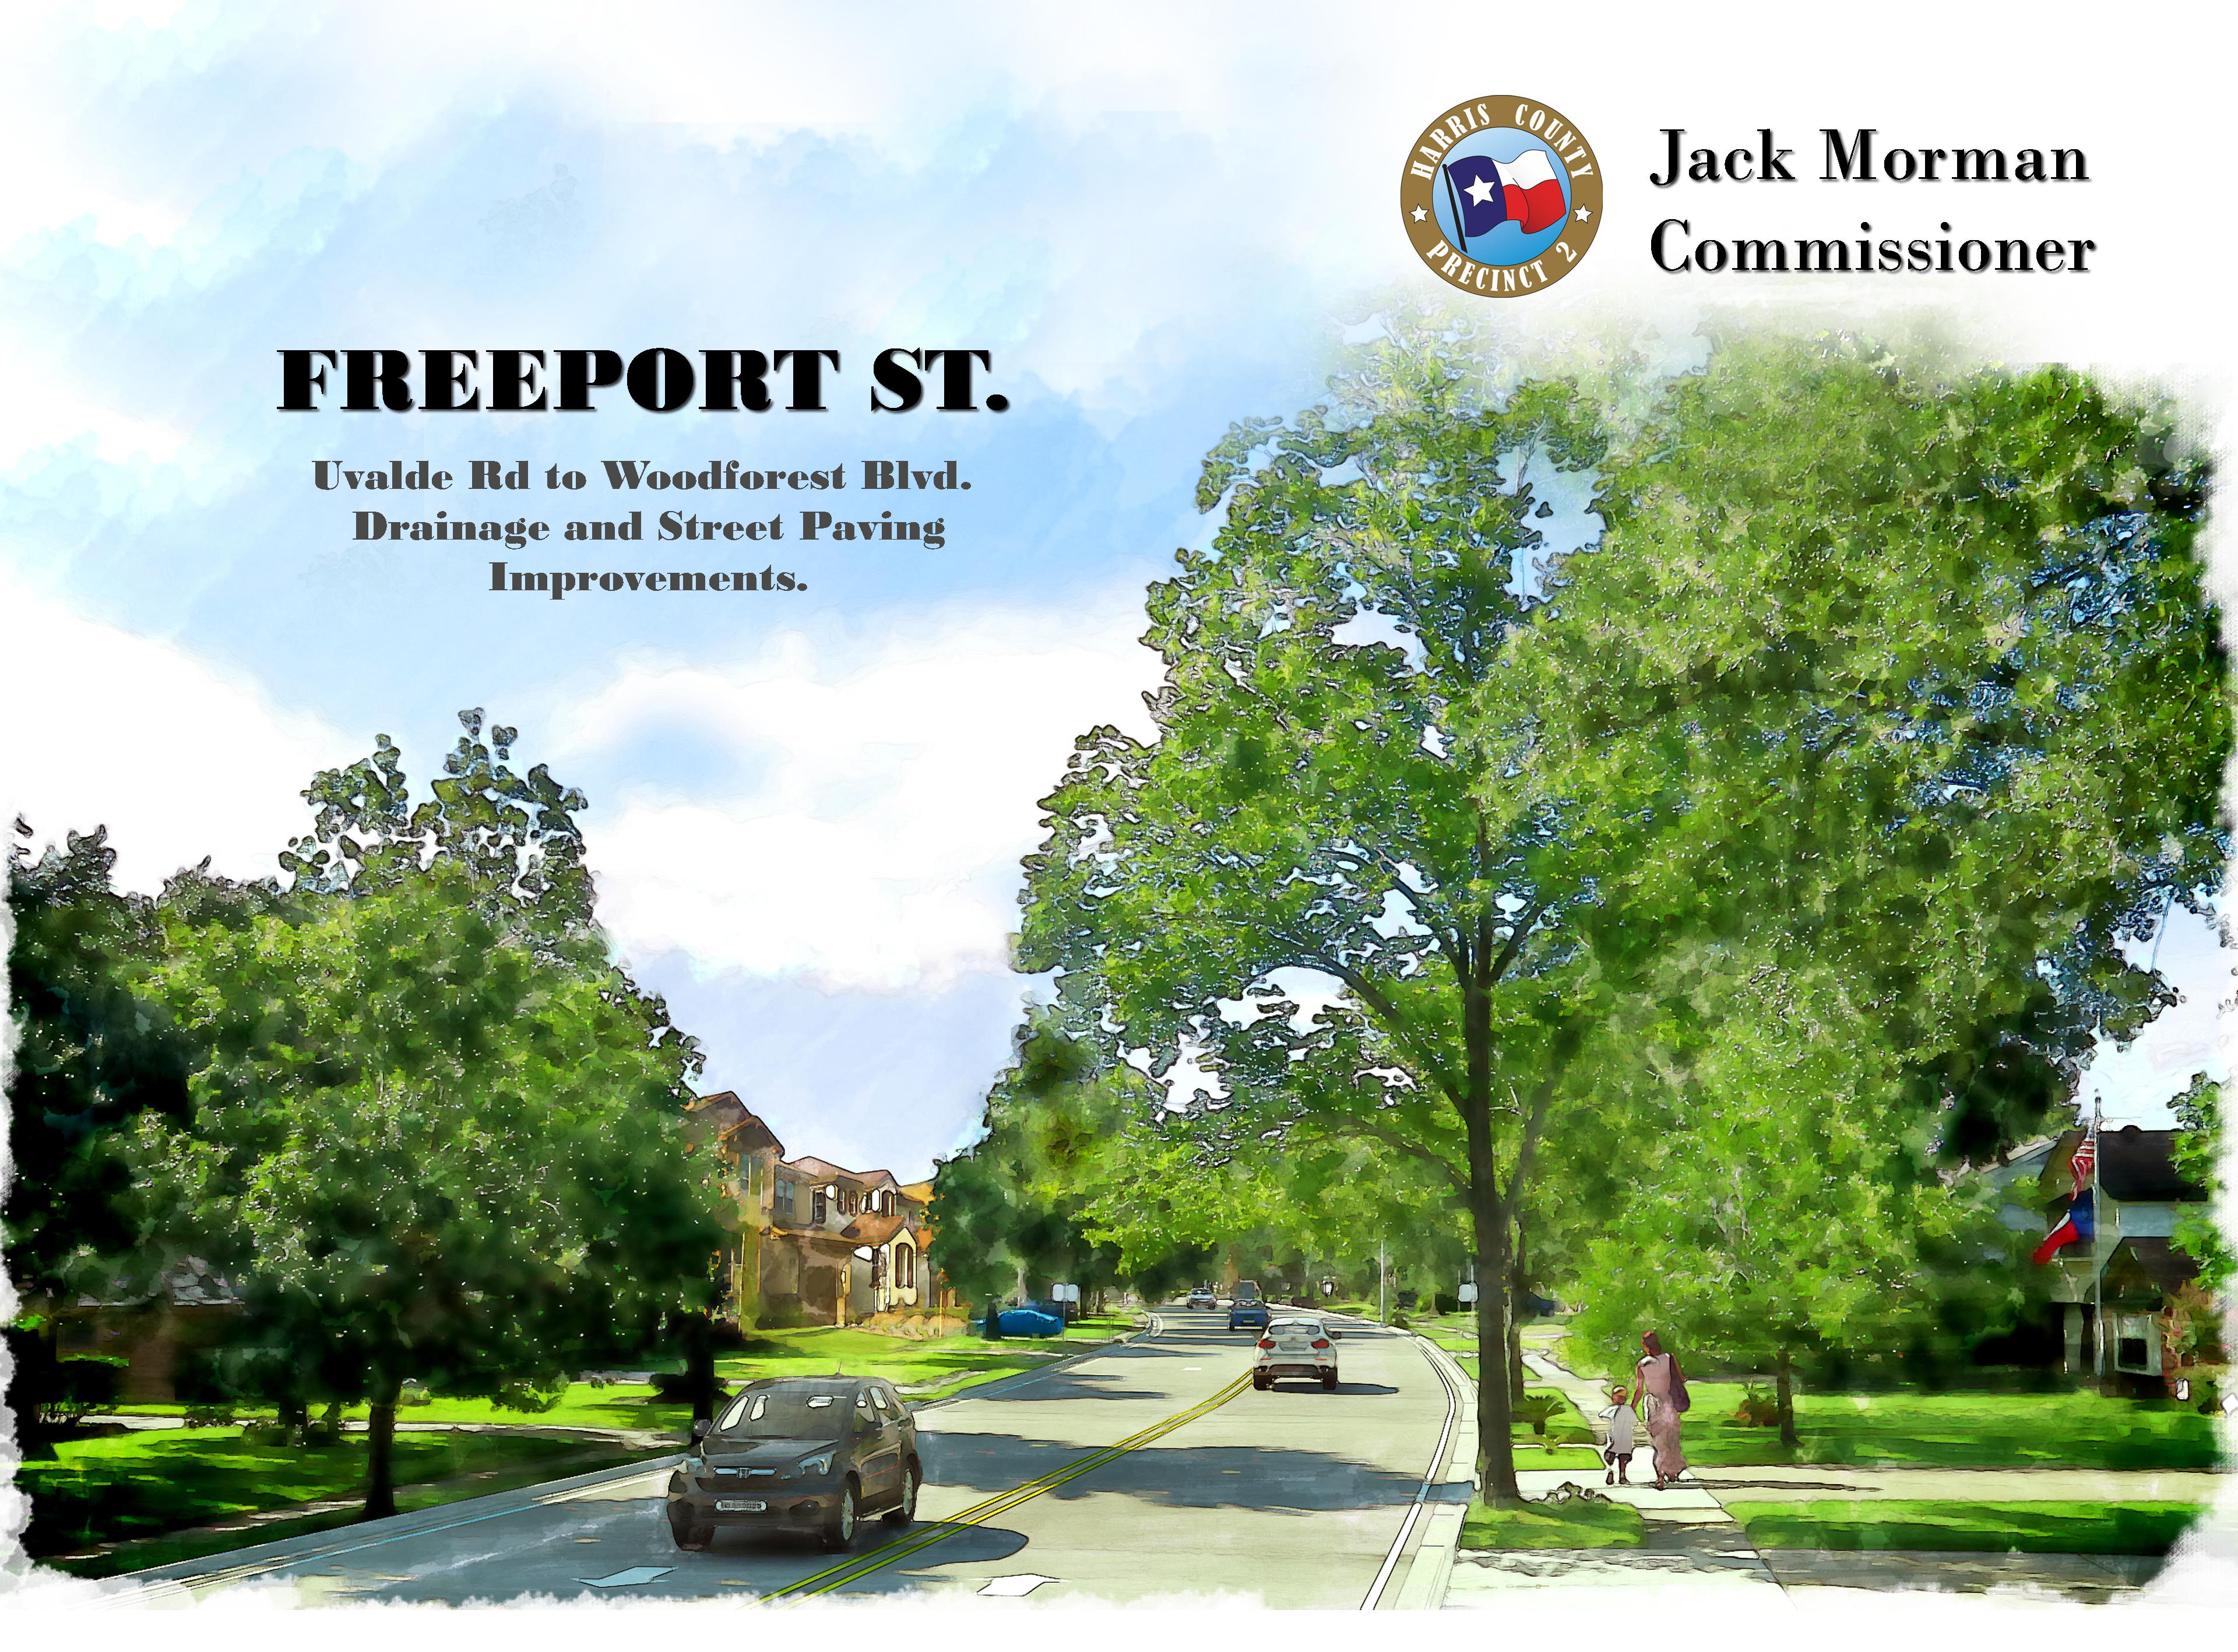 Freeport Street, Phase I